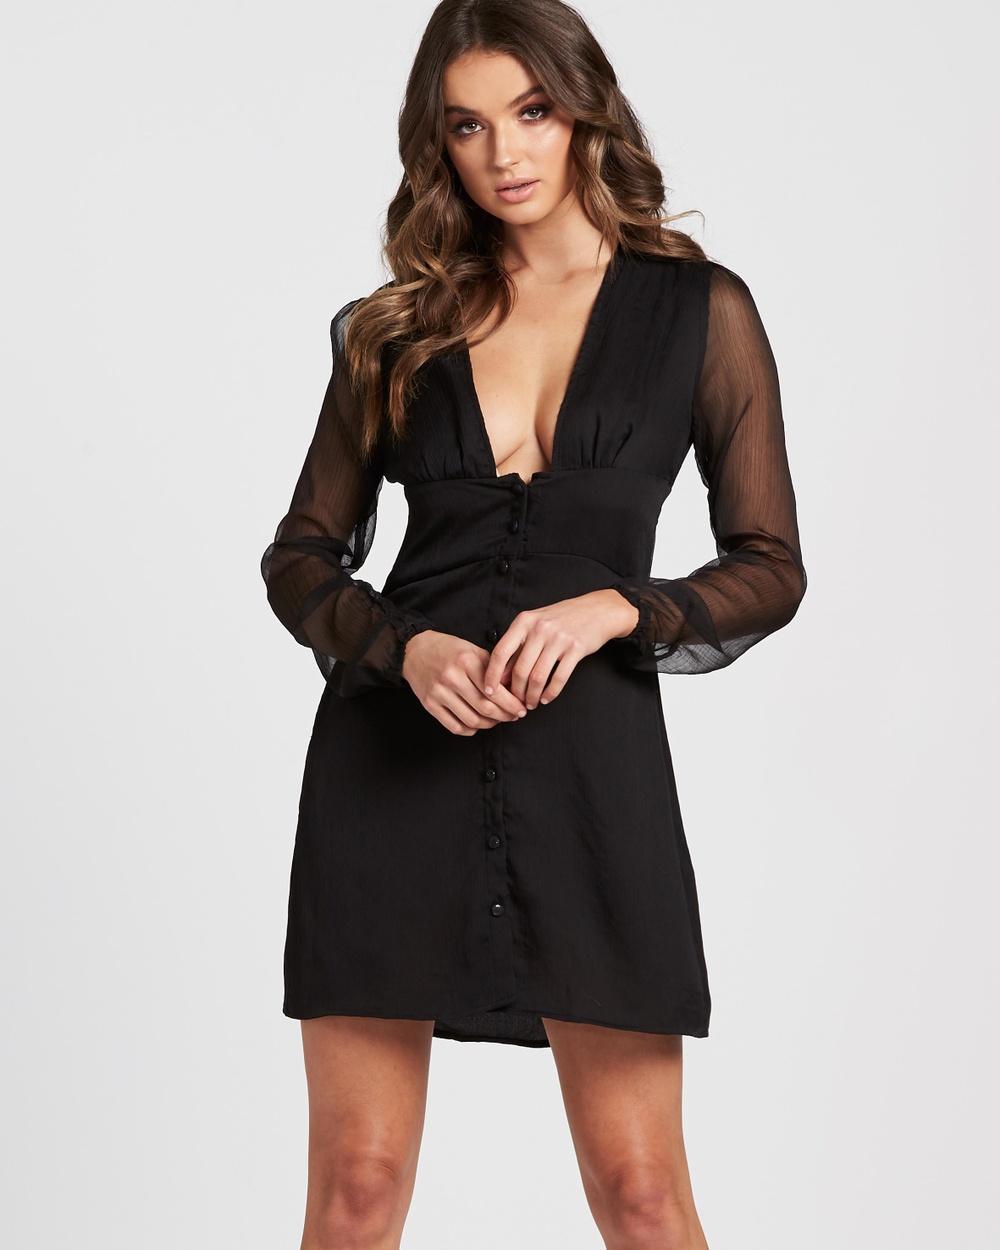 Lioness American Sweetheart Mini Dress Dresses Black American Sweetheart Mini Dress